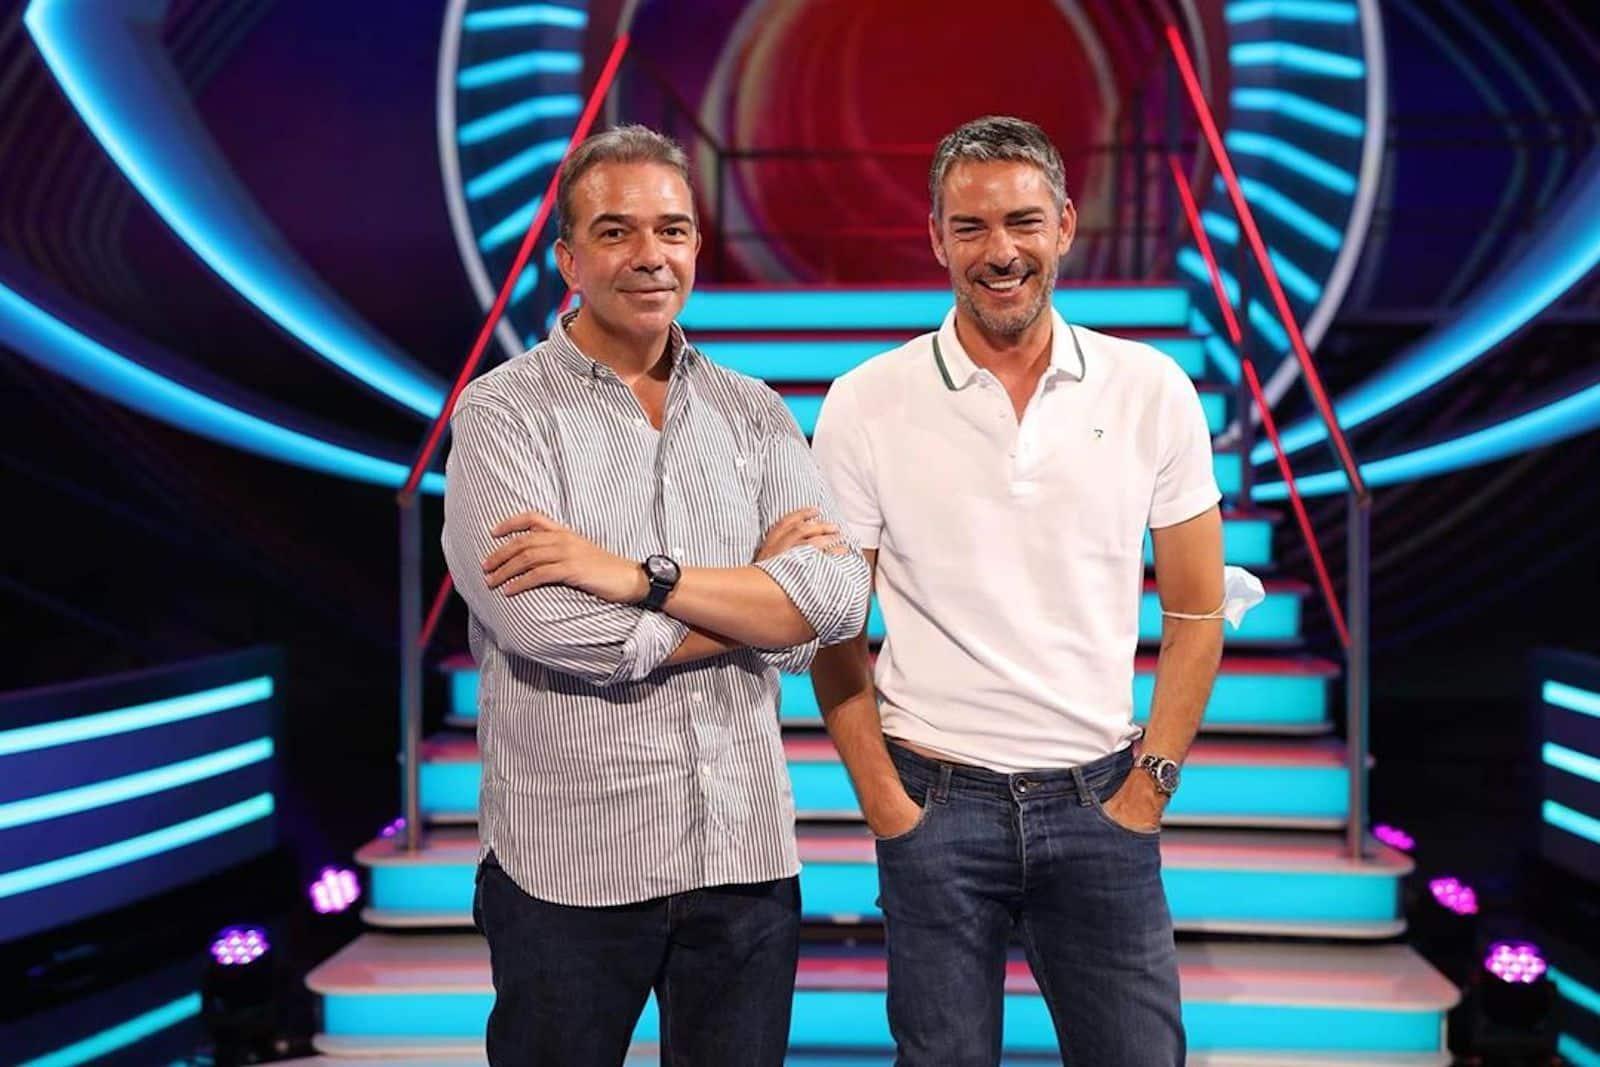 Nuno-Santos-Claudio-Ramos-Big-Brother-Final